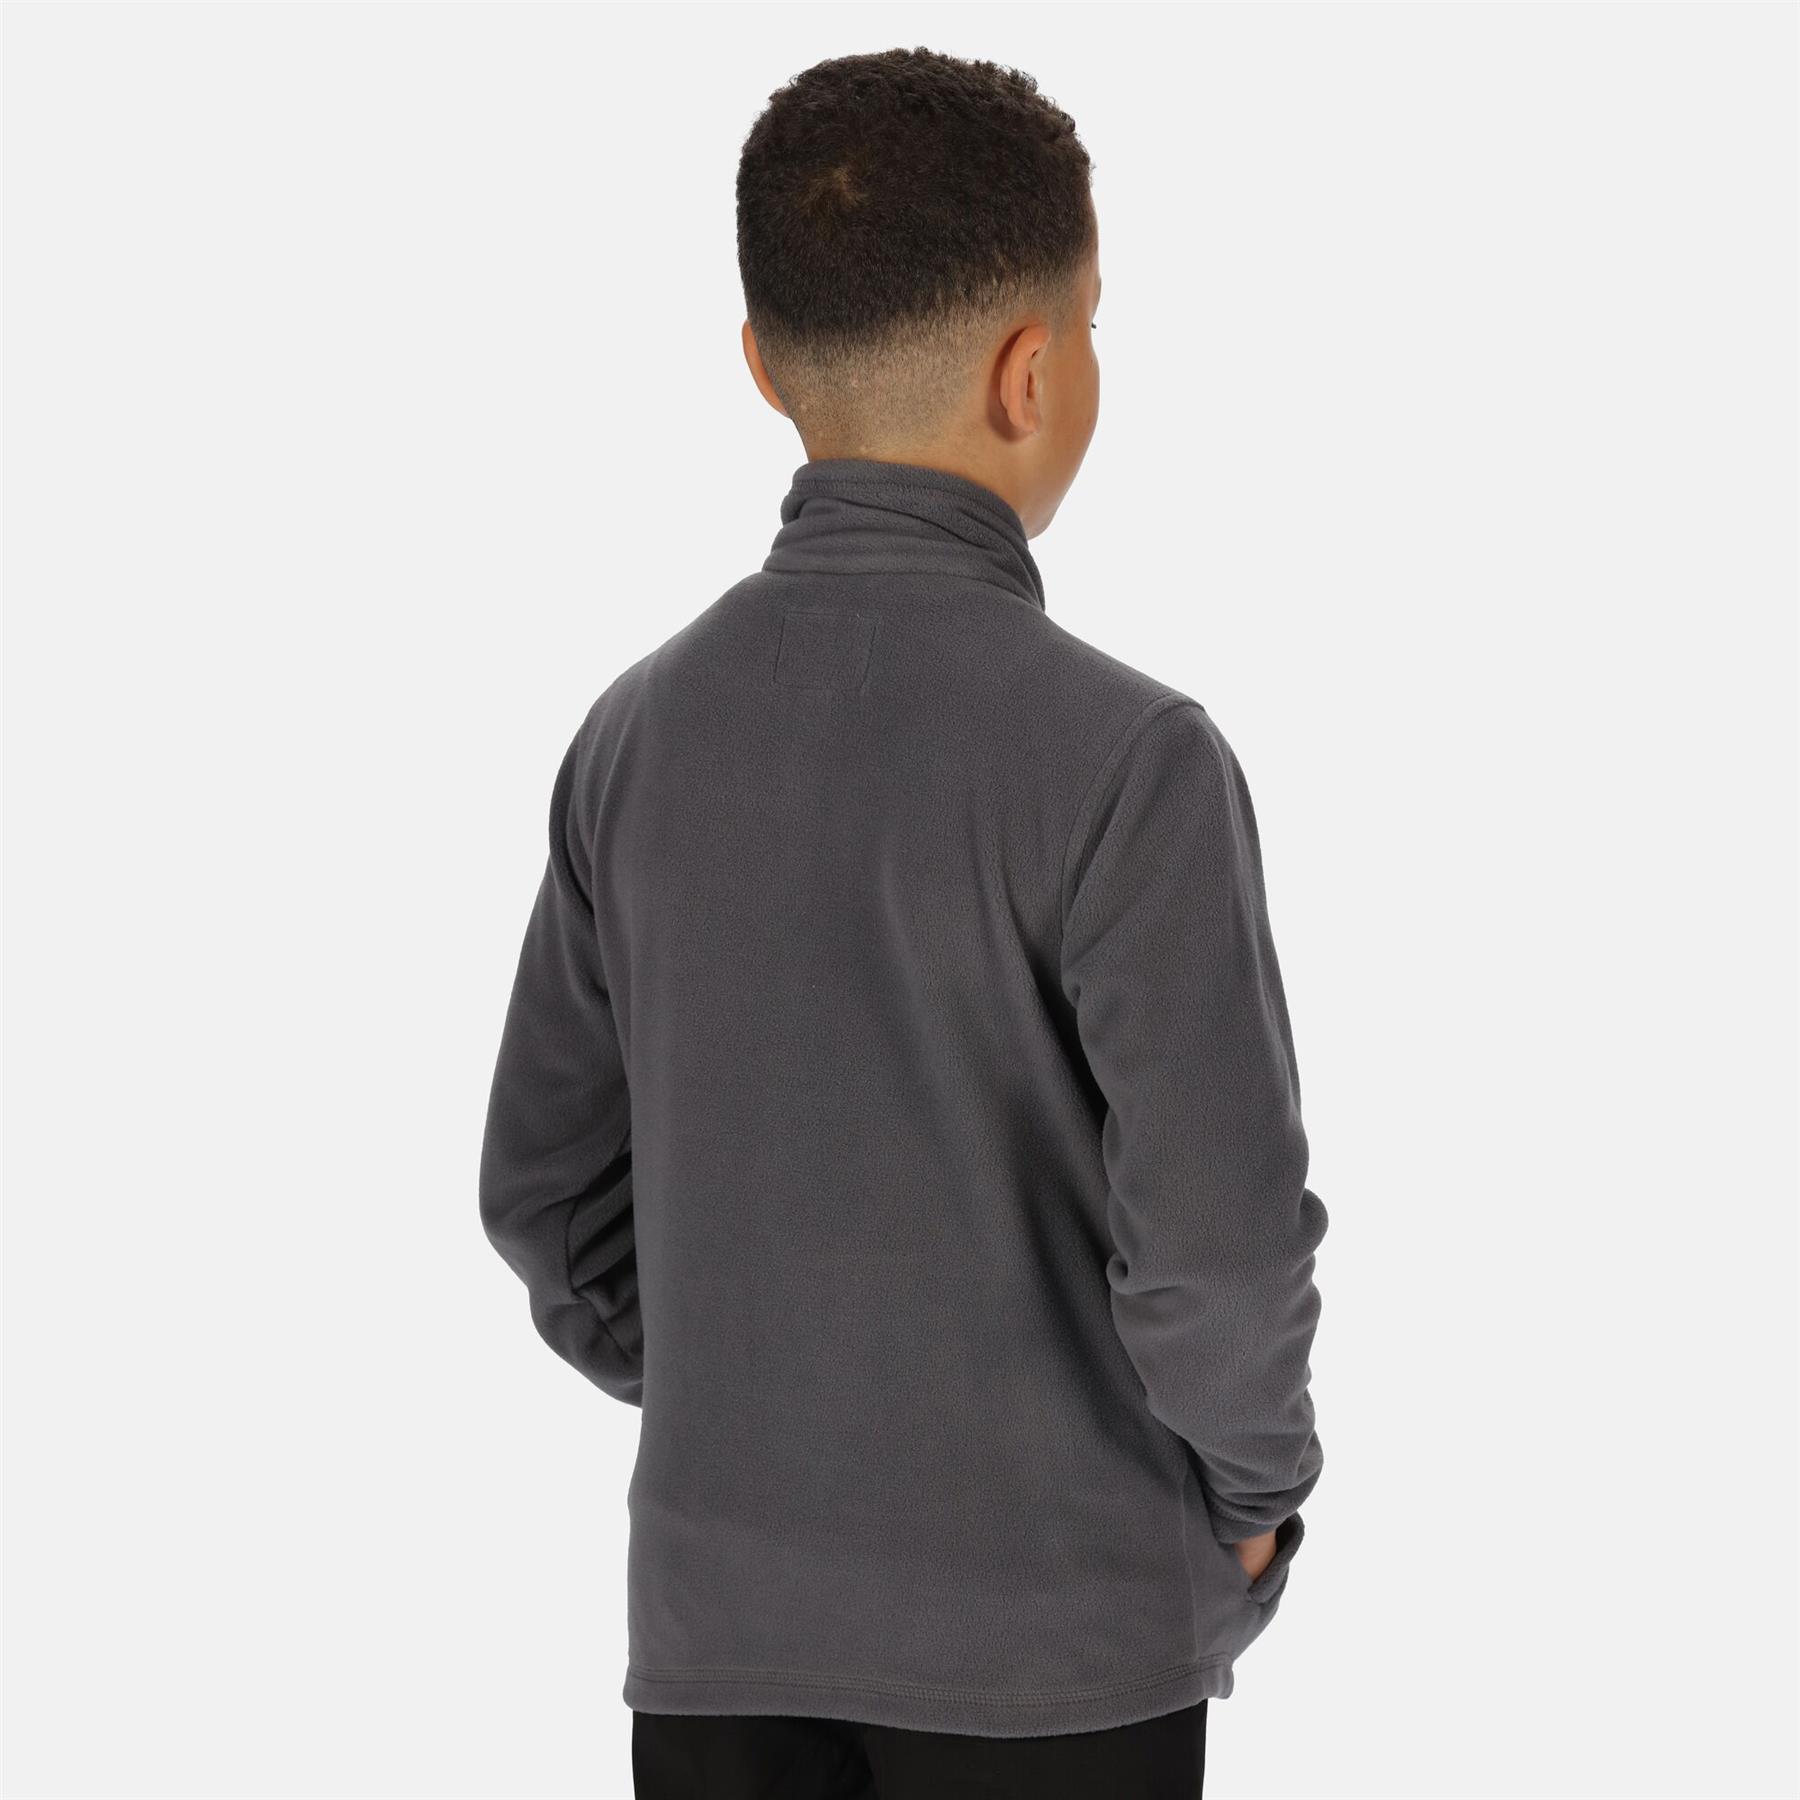 miniatuur 12 - Regatta Kids King II Lightweight Symmetry Fleece Full Zip Jacket Boys Girls